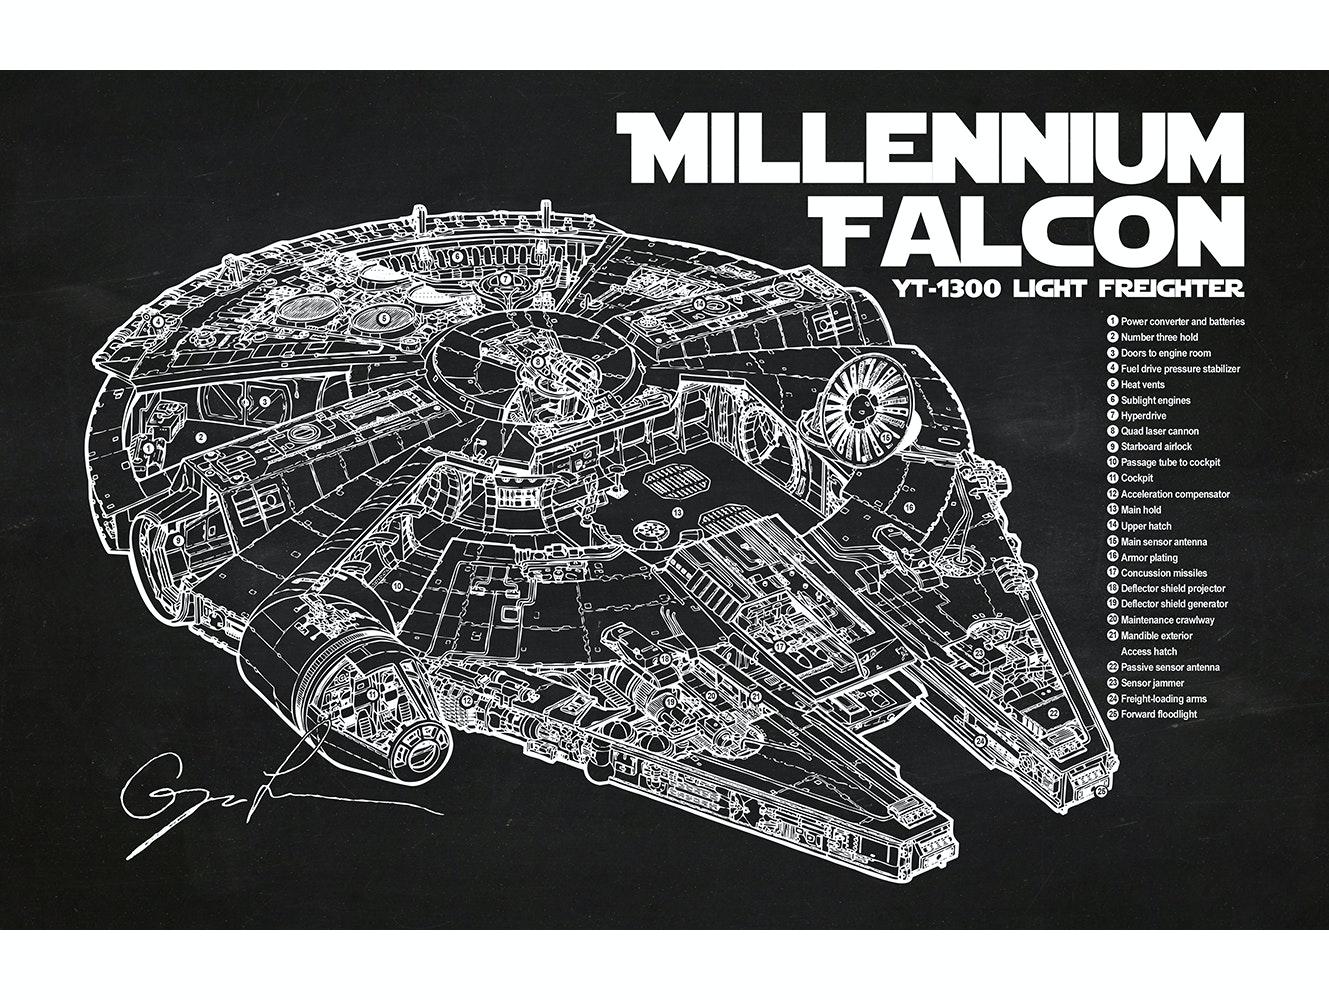 Star Wars - Millennium Falcon Cutaway